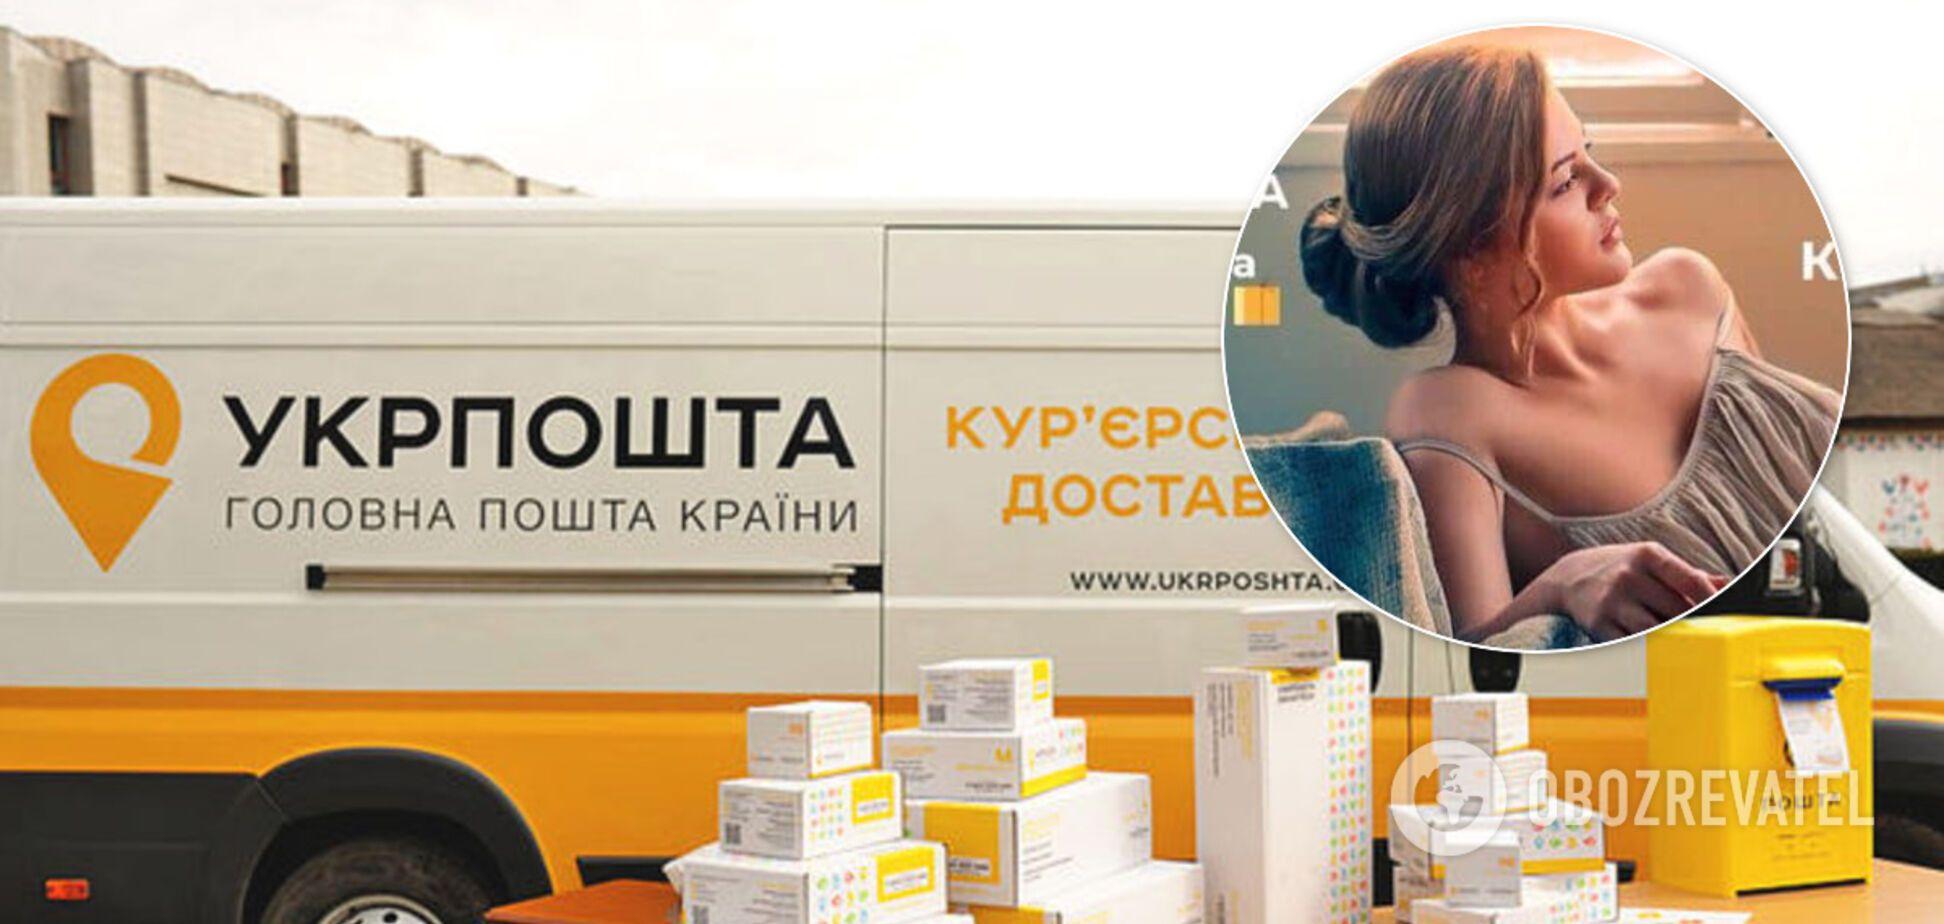 Реклама 'Укрпочты' о доставке интим-игрушек вызвала скандал